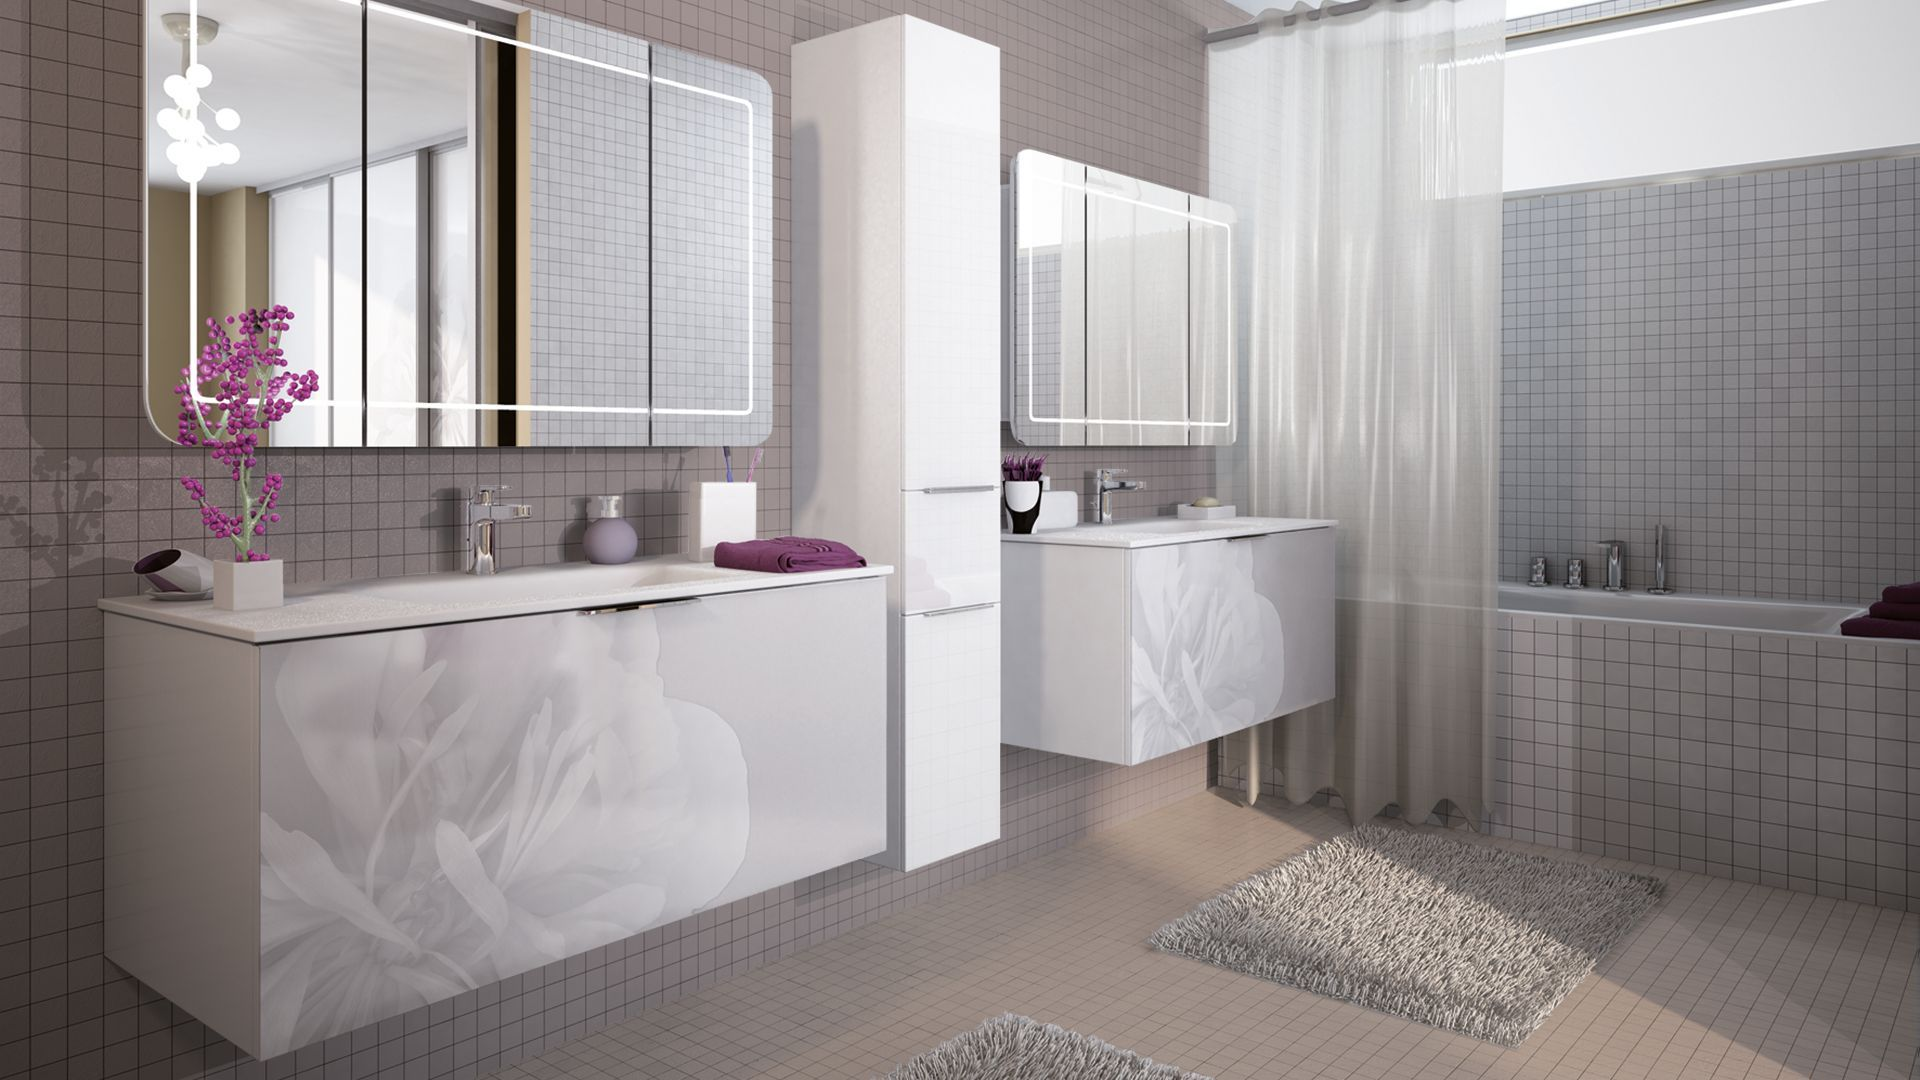 Chambre blanche disque dur for Salle de bain taupe et chocolat